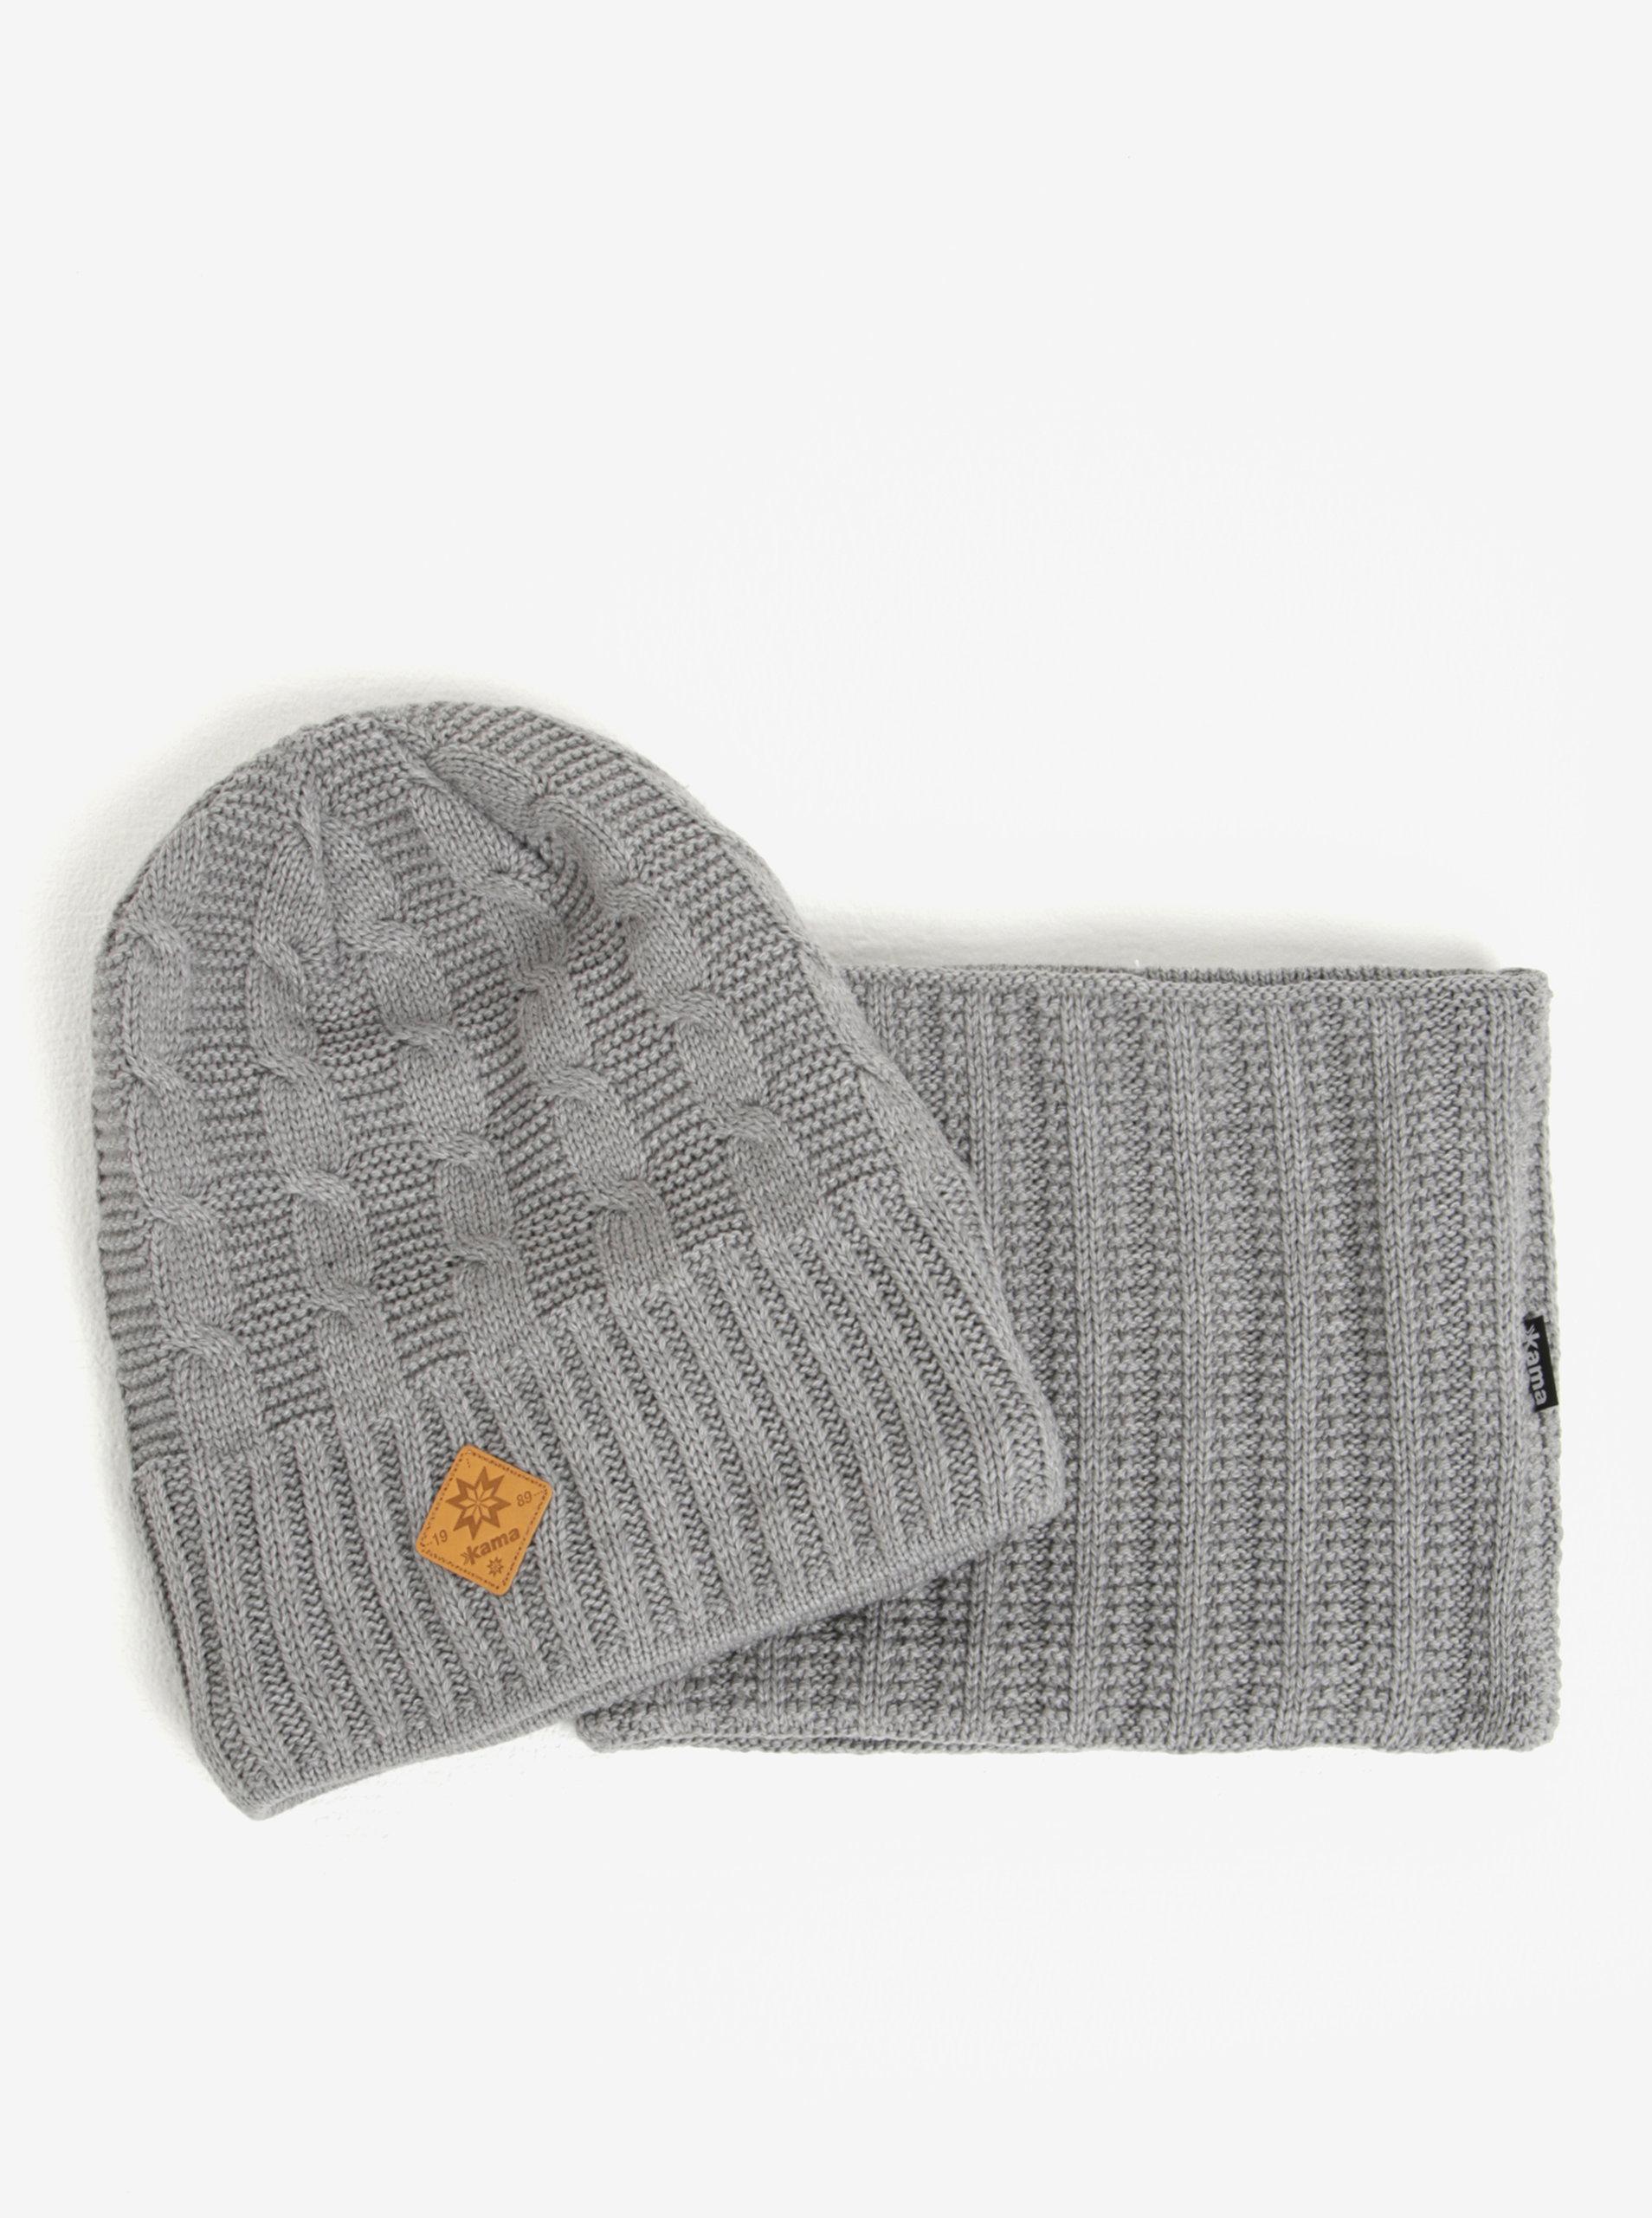 Set dámské zimní čepice a nákrčníku v šedé barvě s příměsí vlny Kama ... 489a2b1c5d